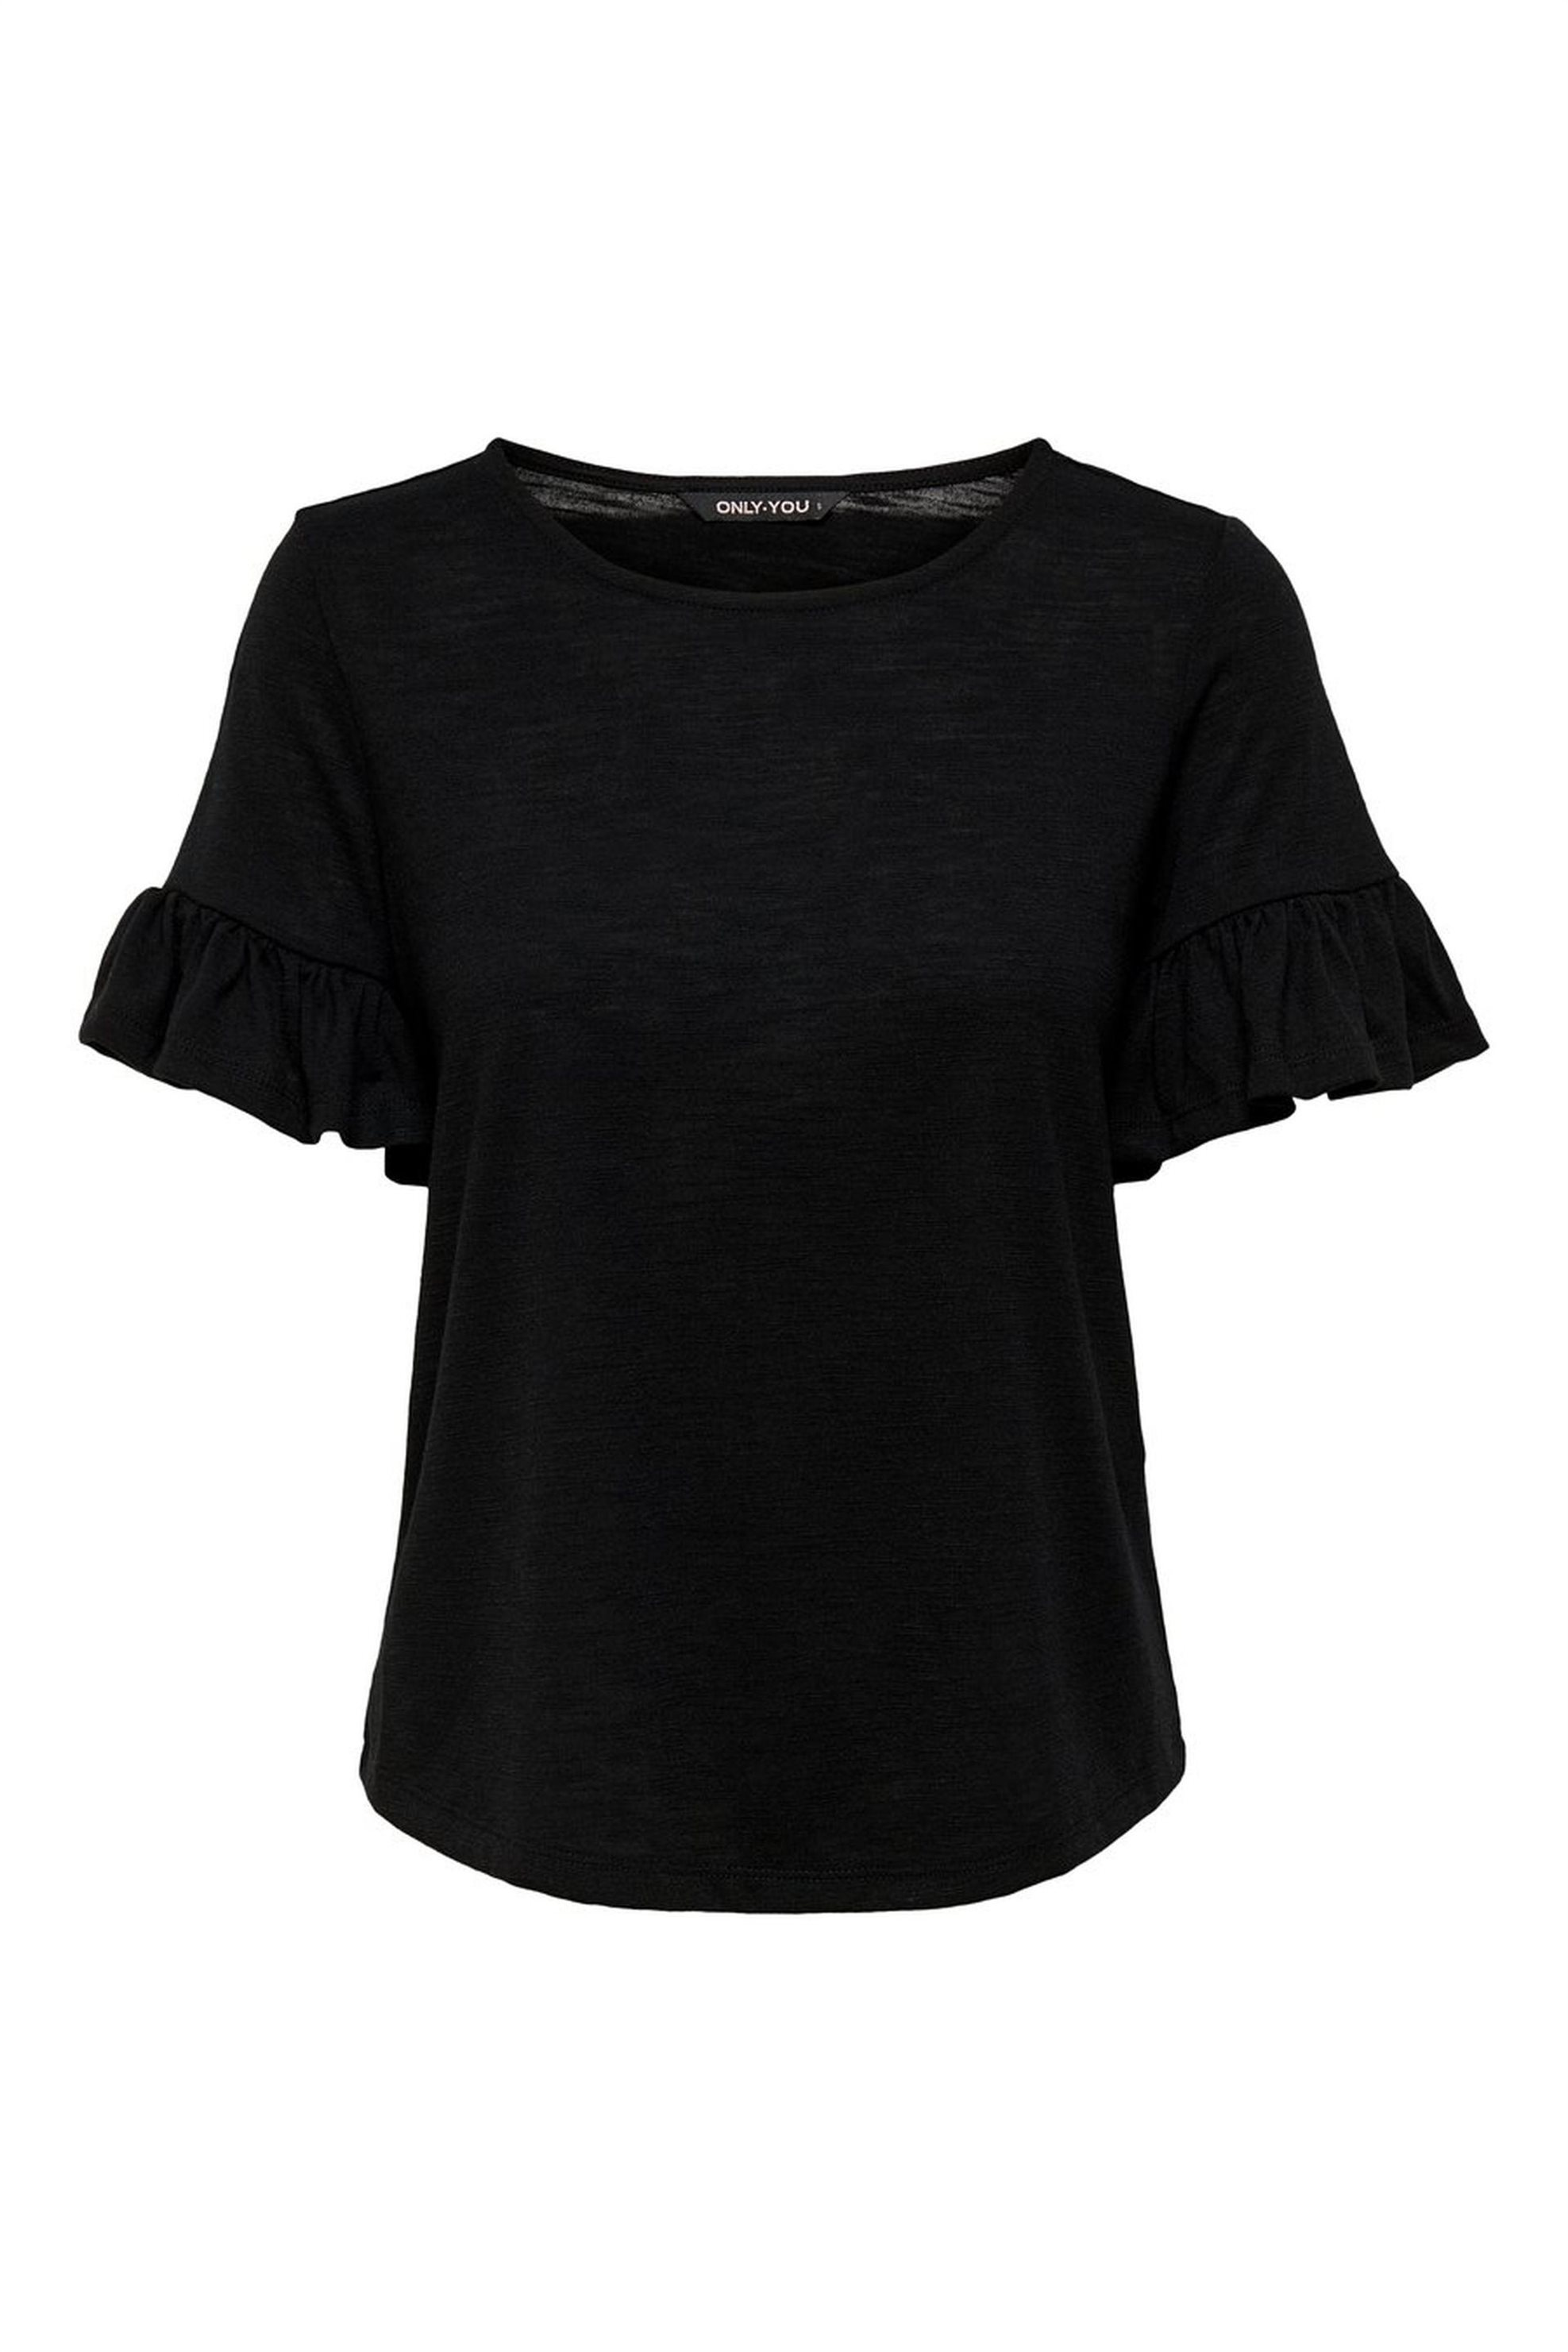 ΟNLY γυναικεία μπλούζα με μανίκι βολάν - 15169387 - Μαύρο γυναικα   ρουχα   tops   μπλούζες   casual